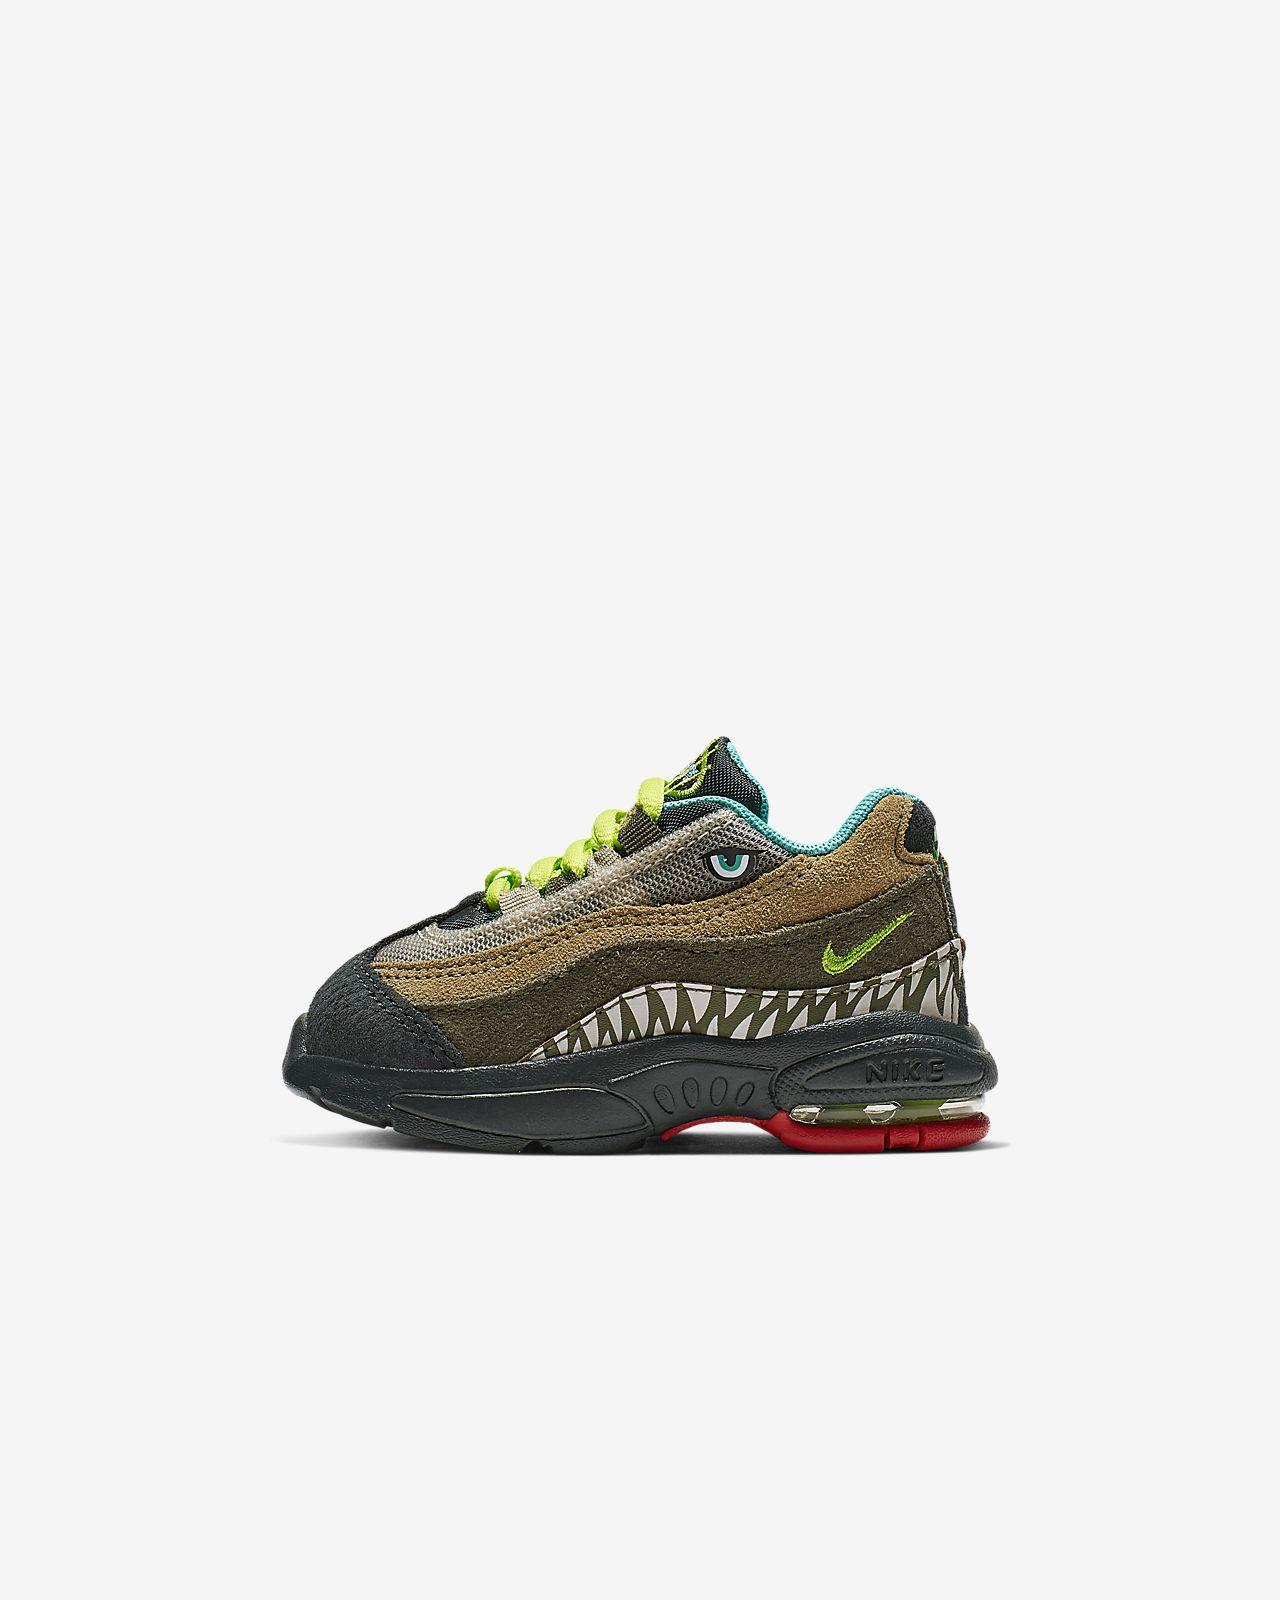 Nike Air Max 95 BabyToddler Shoe